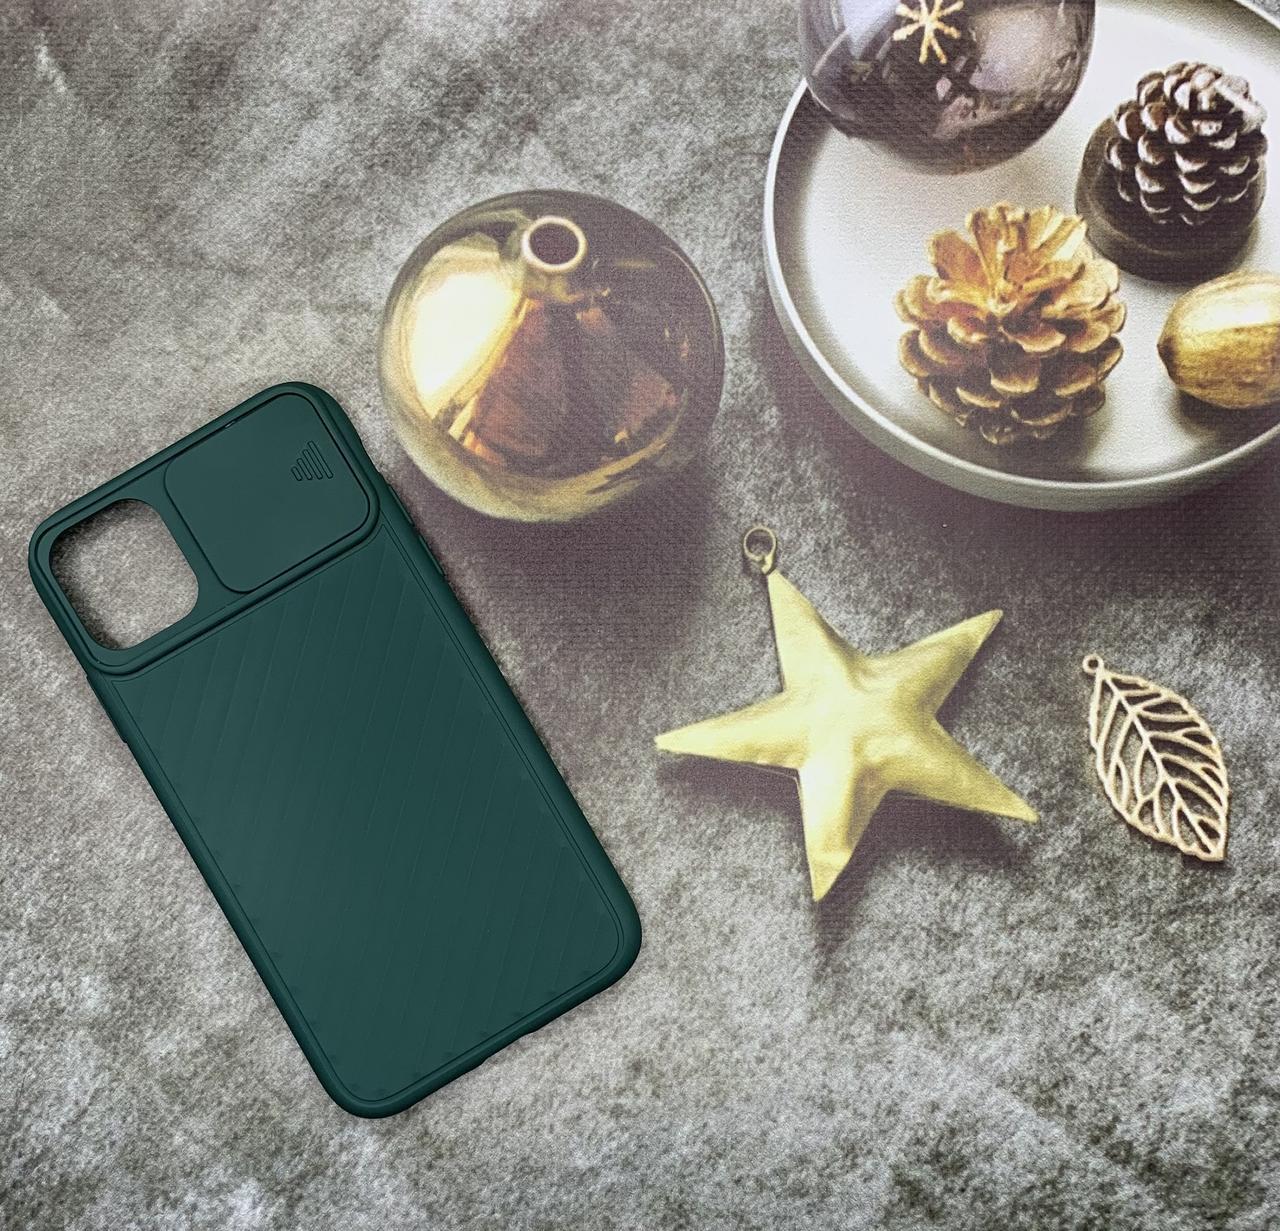 Чехол на iPhone 11 матовый цветной силиконовый зеленый с защитой камеры